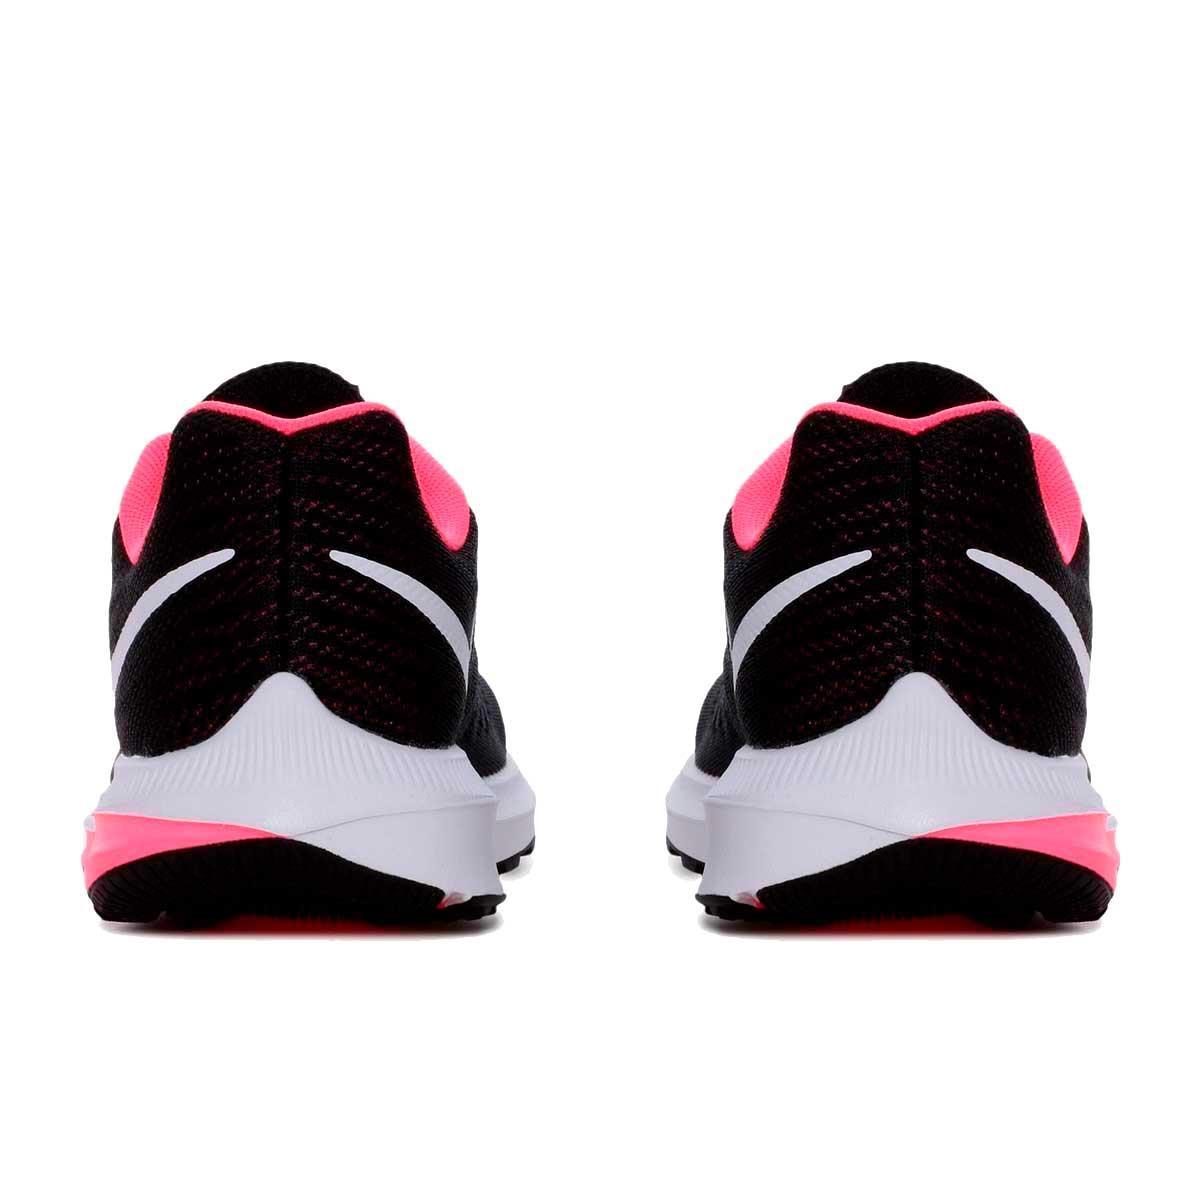 2482a442299 Tênis Nike Zoom Winflo 4 Juvenil